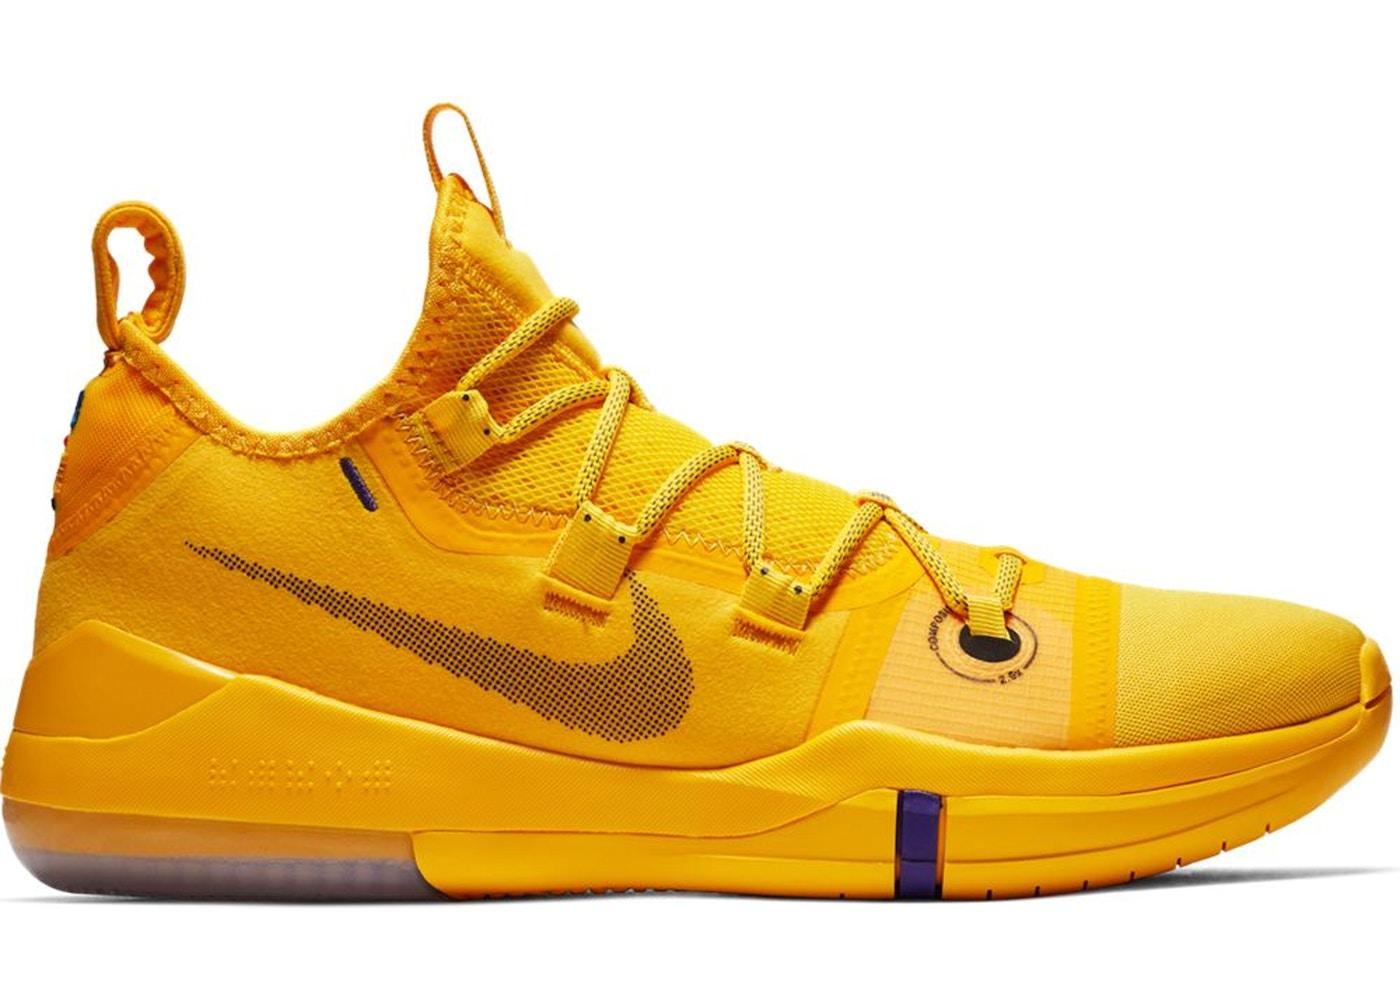 Nike Kobe amarillo